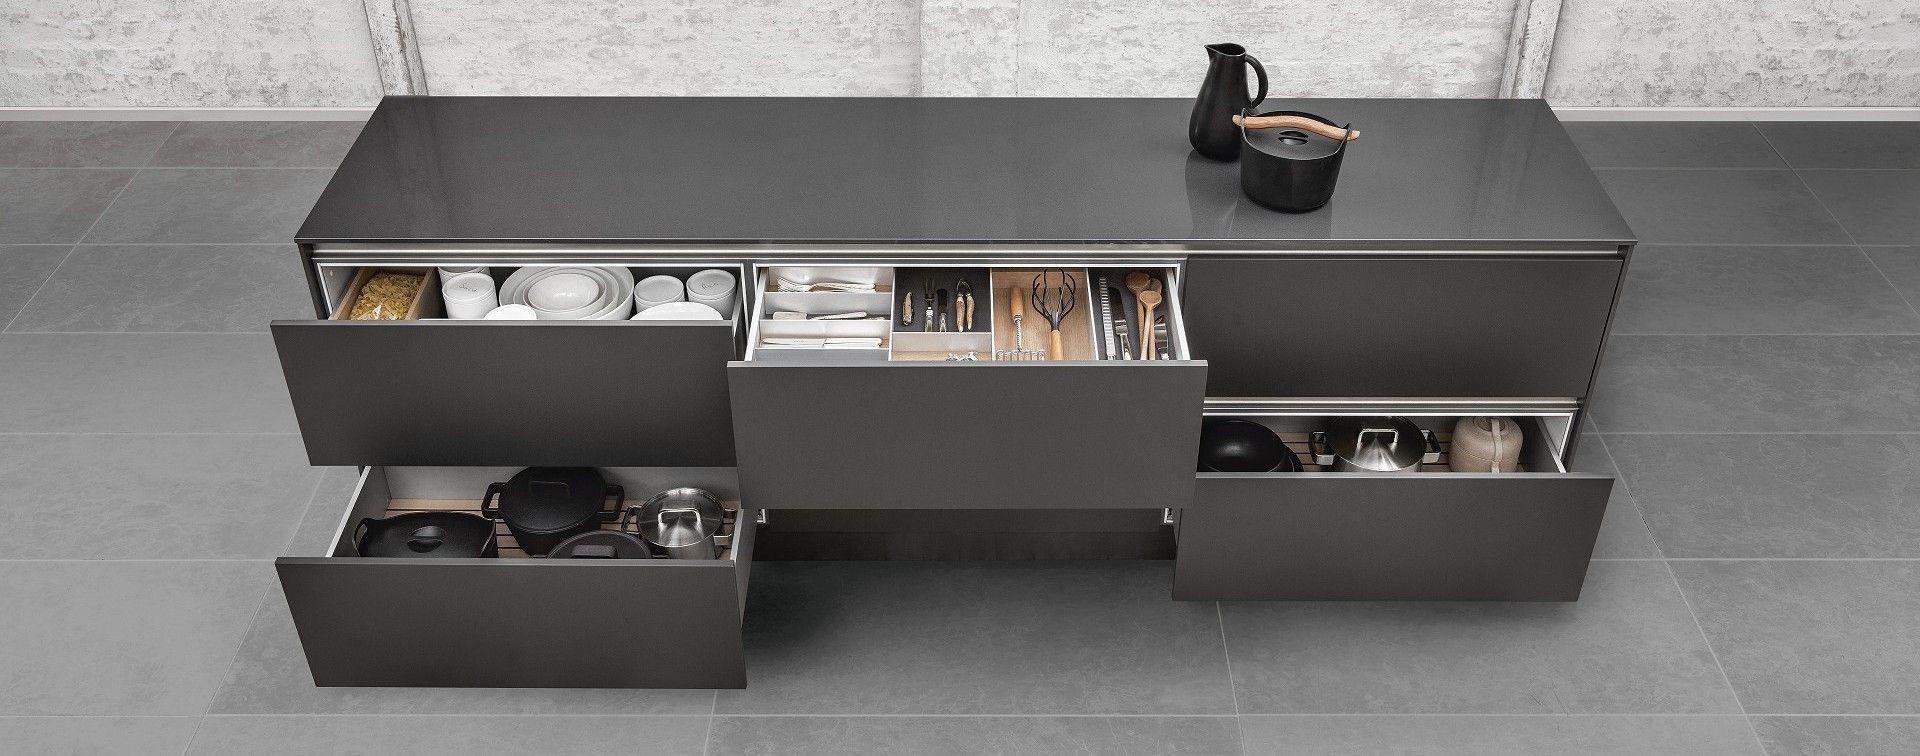 廚房配件的多種變化可從siematic interior kitchen design kitchen interior on kitchen interior accessories id=23898